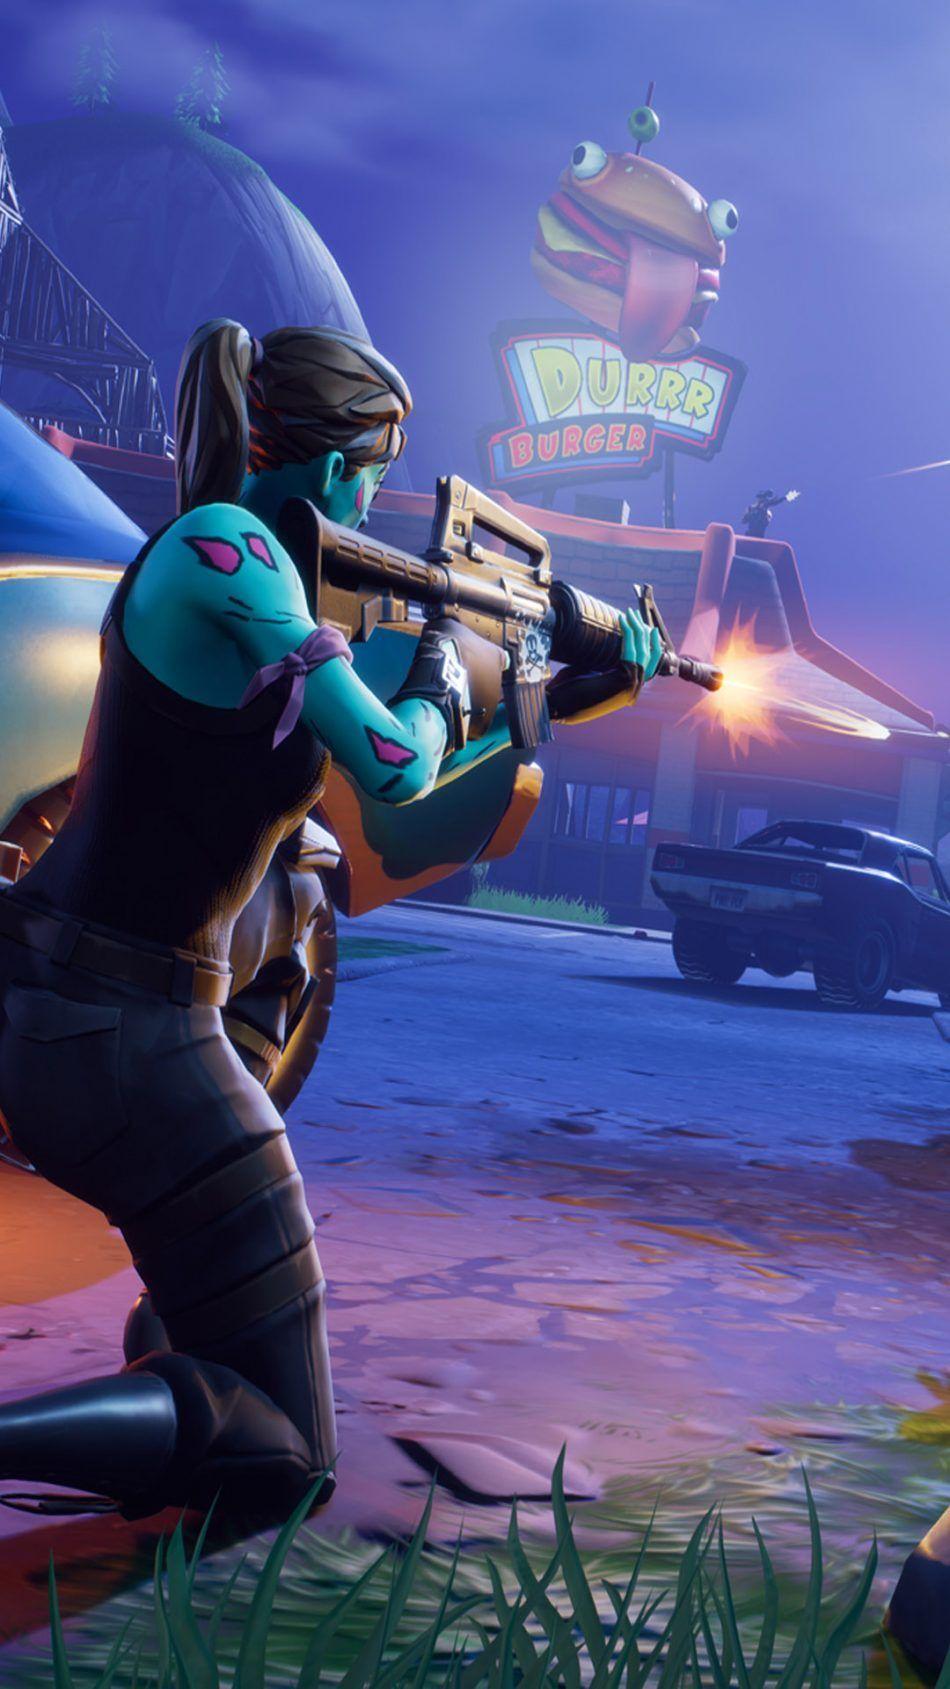 Fortnite Battle Royale Female Player Firing Hd Mobile Wallpaper Fortnite Gaming Hintergrunde Fortnite Bilder Bilder